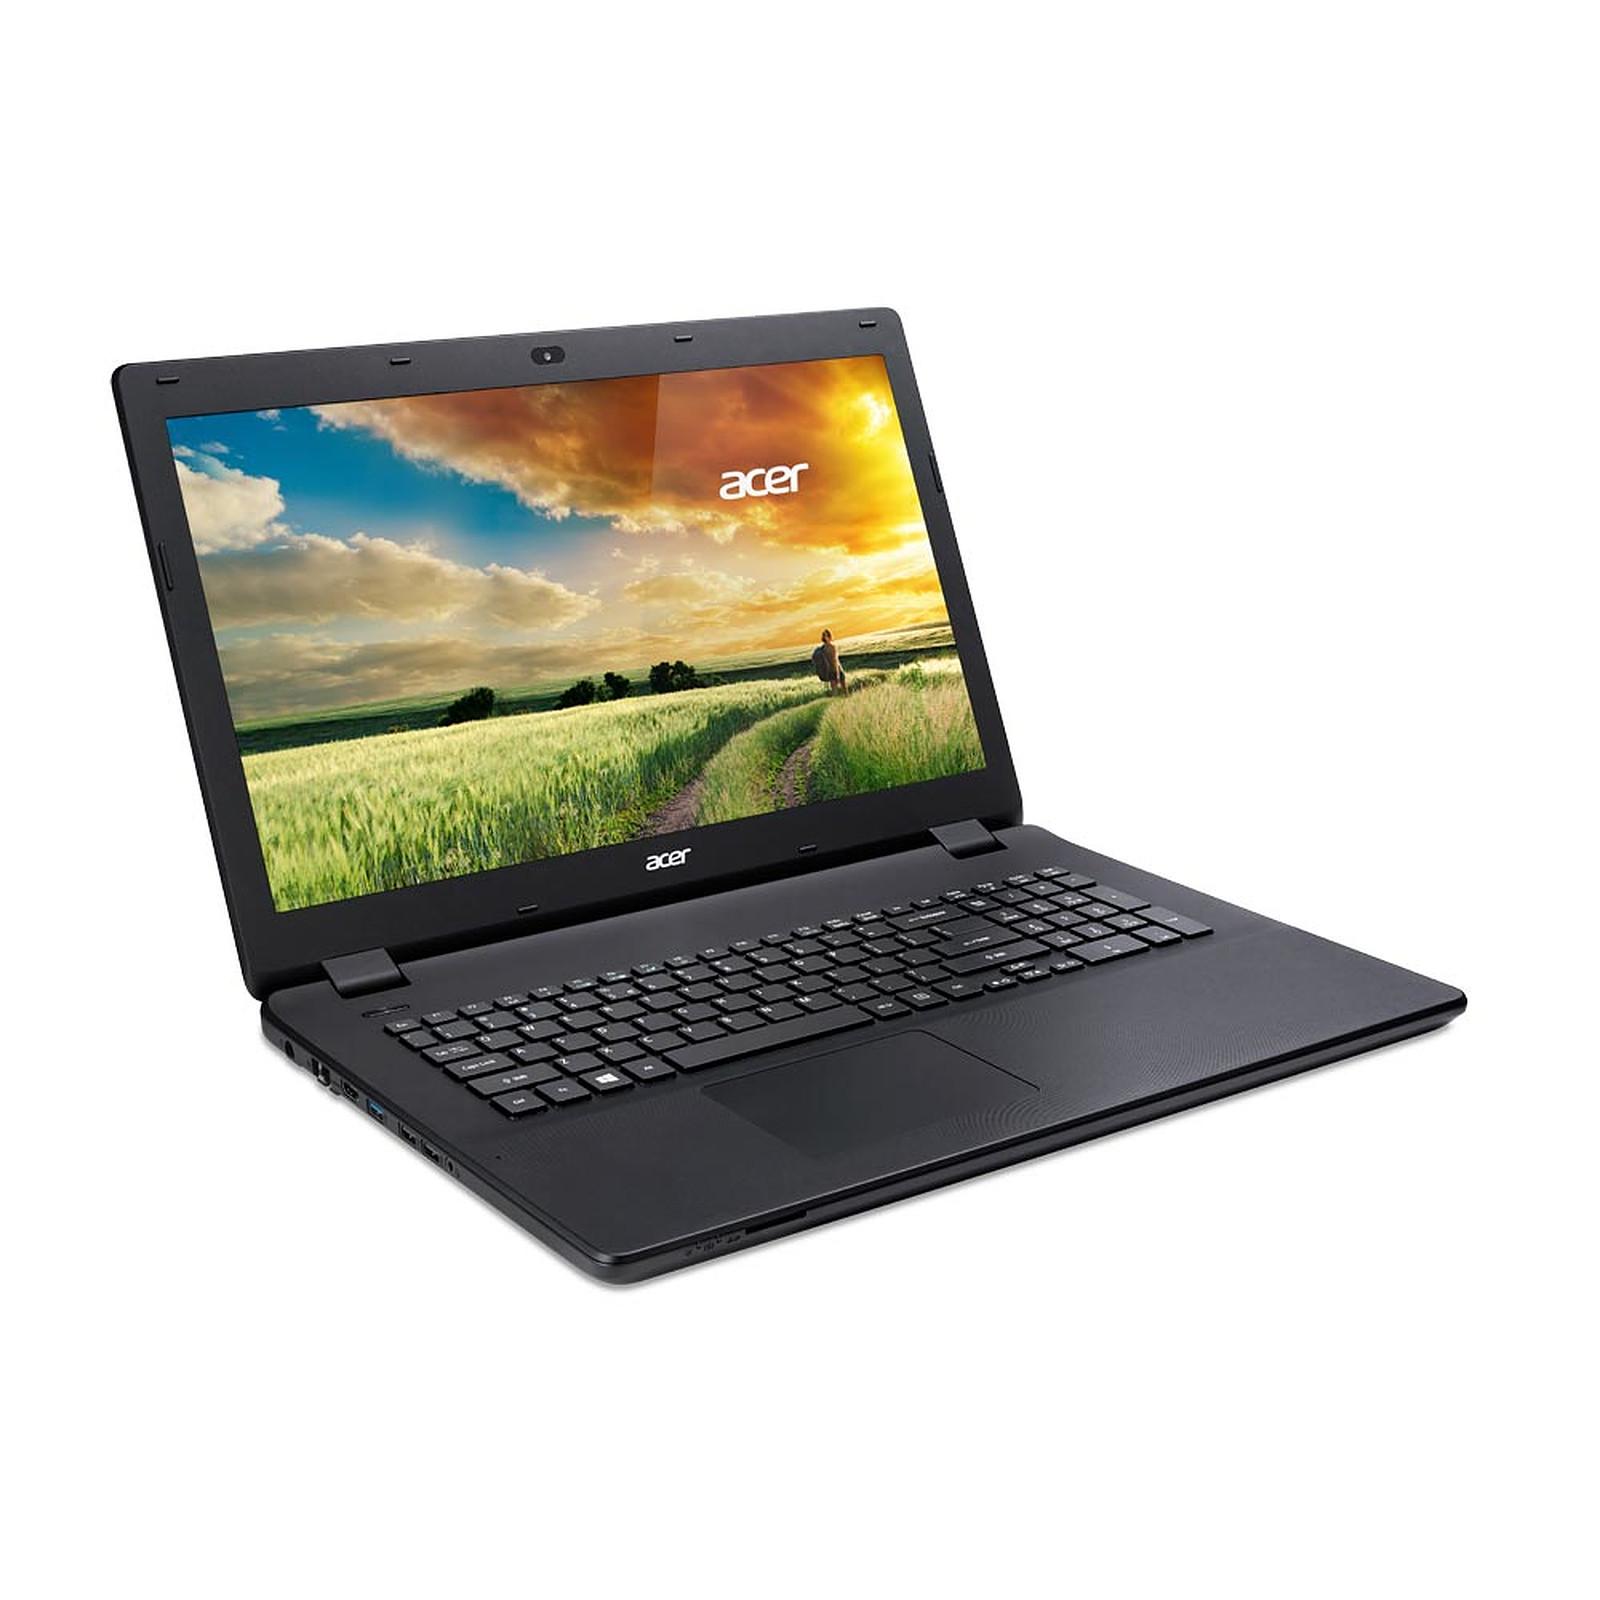 Acer Aspire ES1-731-P69Q